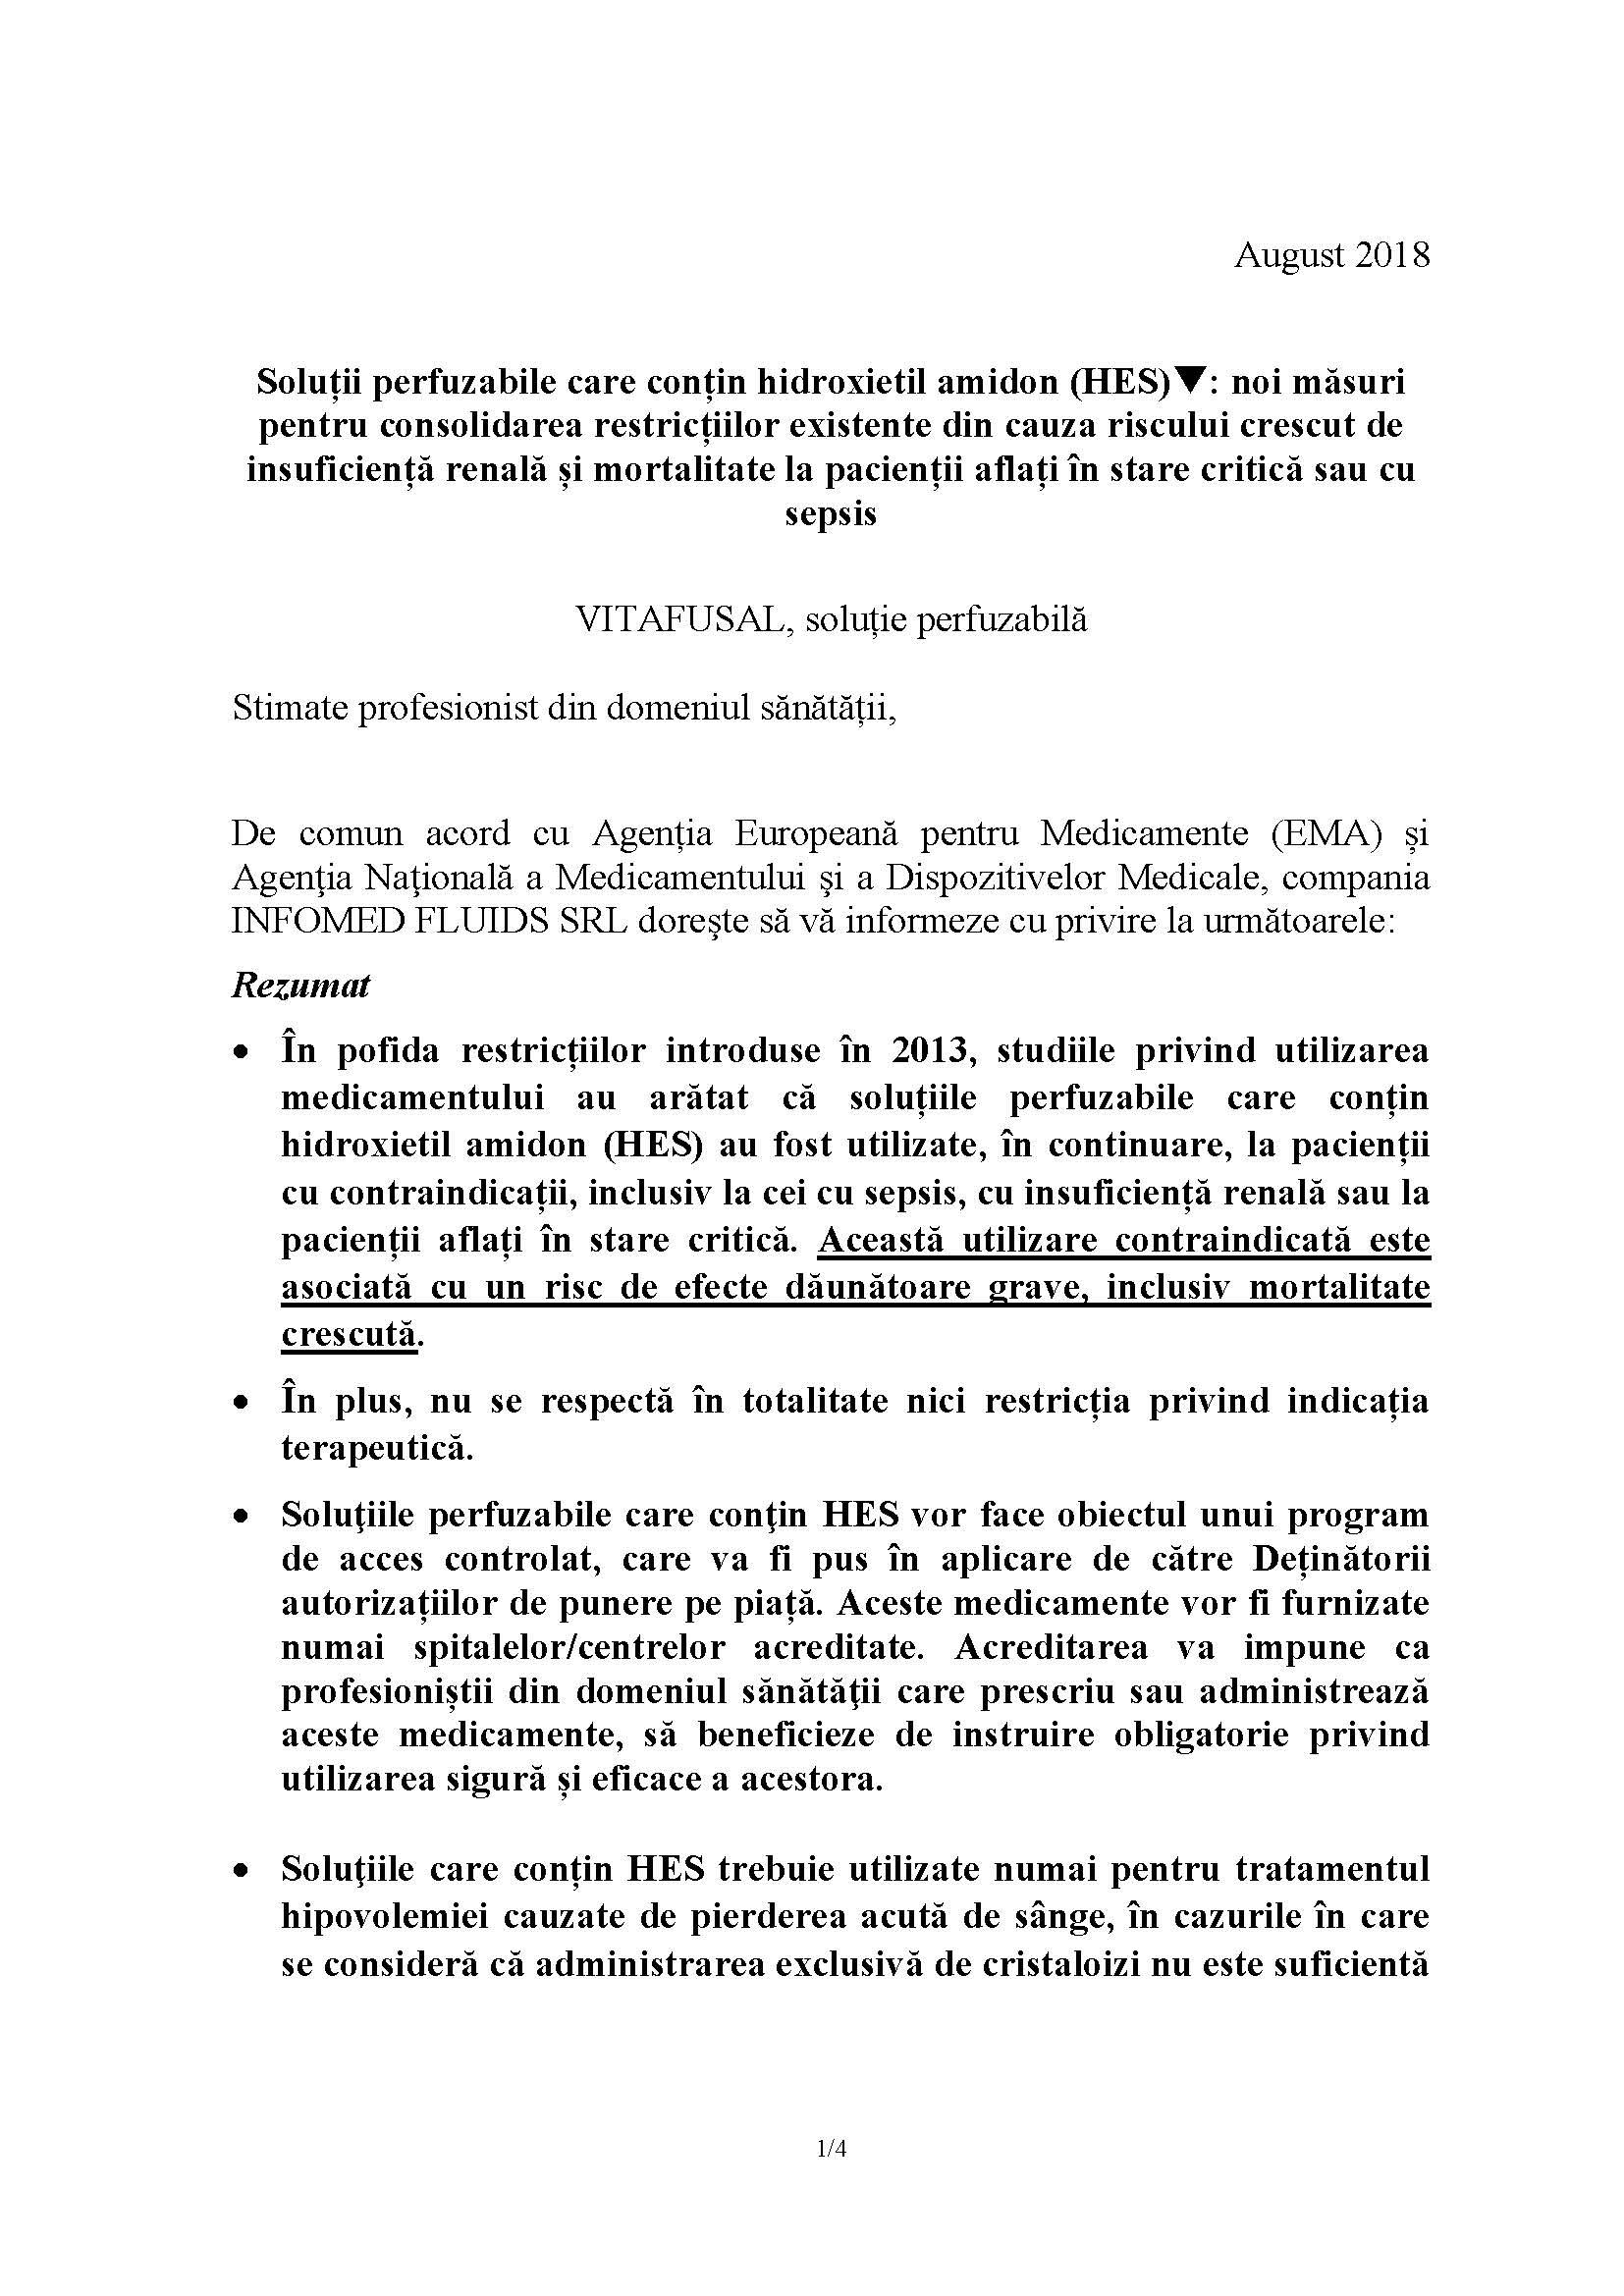 Comunicare-catre-profesionistii-din-domeniul-sanatatii-cu-privire-la-HES-VITAFUSAL_Page_1